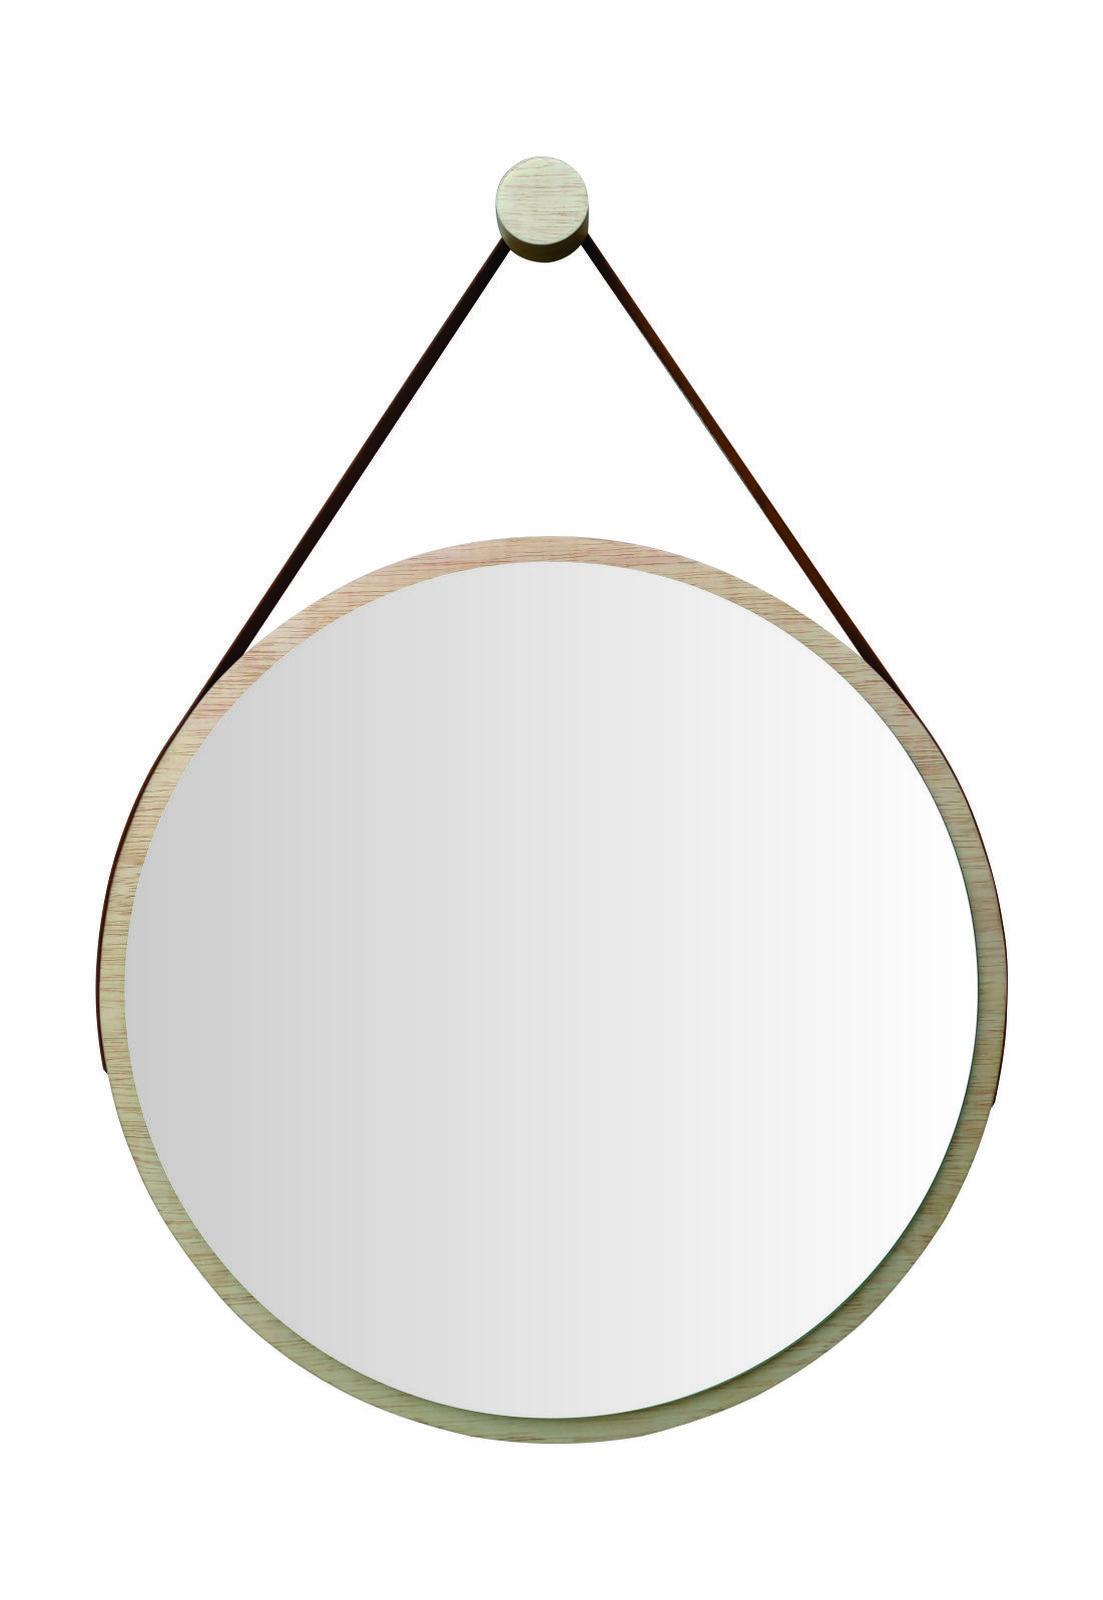 Espelho Redondo Adnet Minimalista com Alça Caramelo + Pendurador 60cm